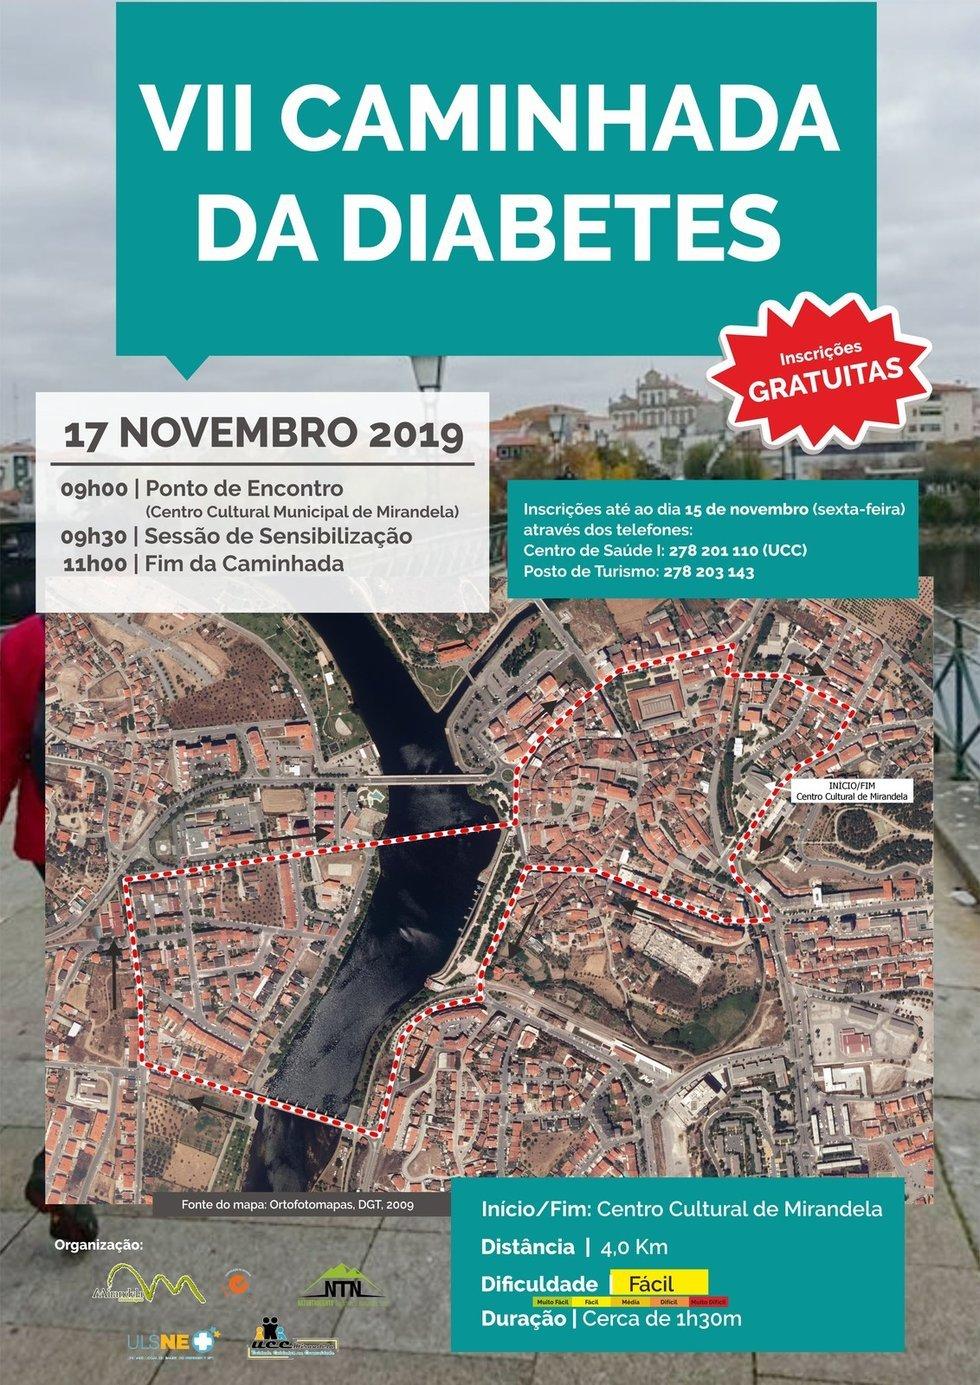 VII Caminhada da Diabetes